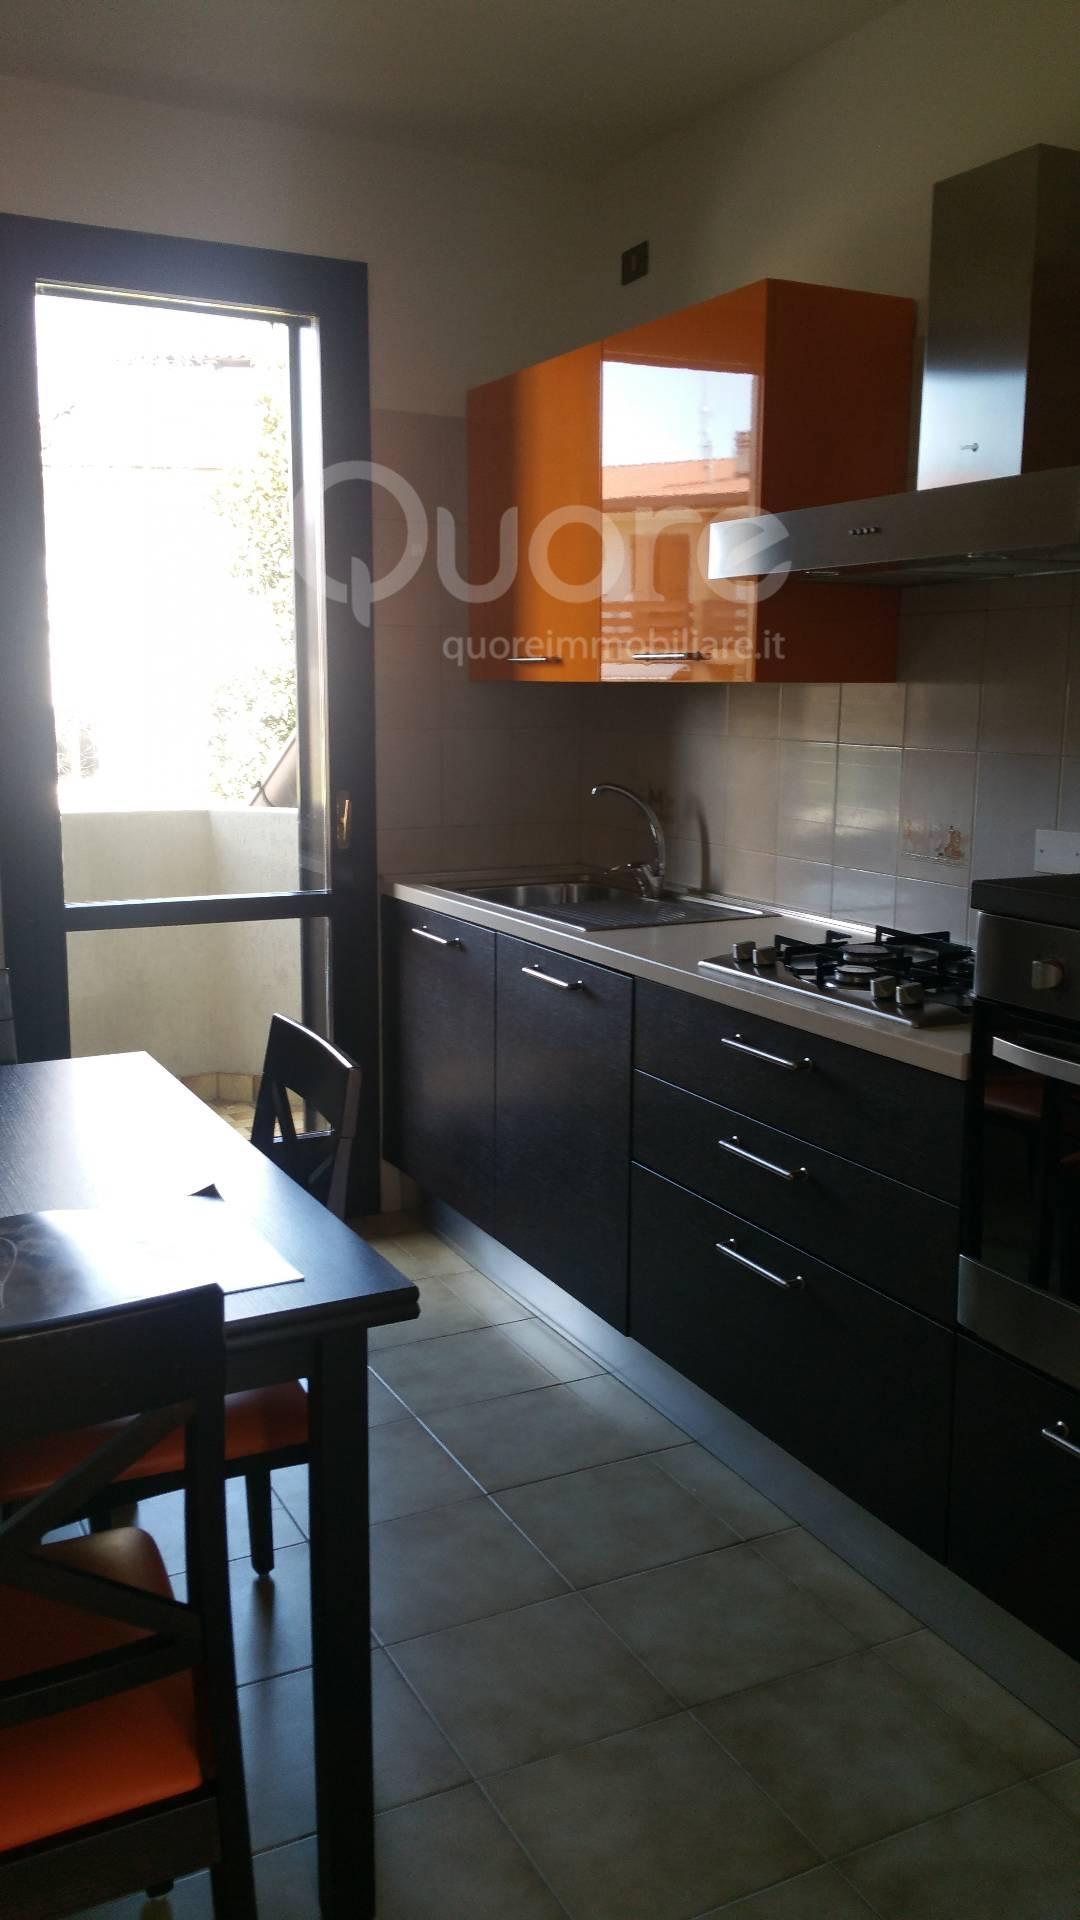 Appartamento in affitto a Pagnacco, 3 locali, prezzo € 510 | CambioCasa.it